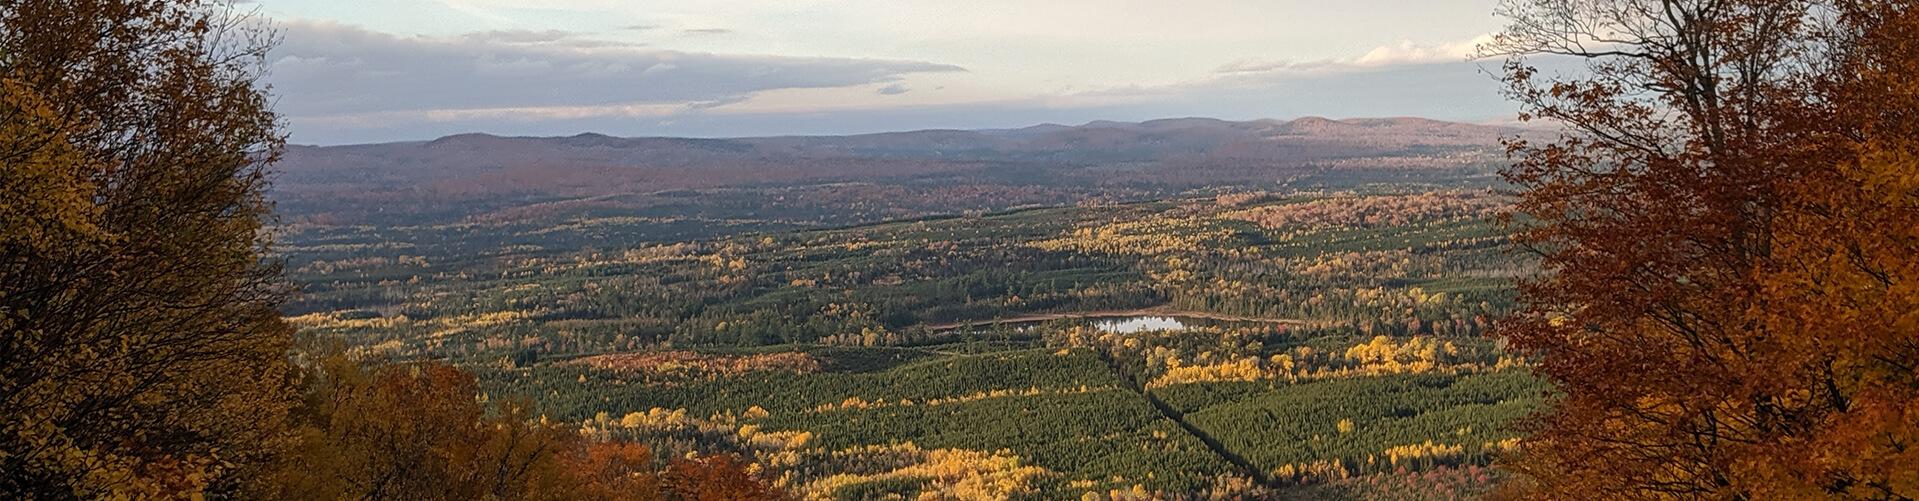 New Brunswick Mountain View